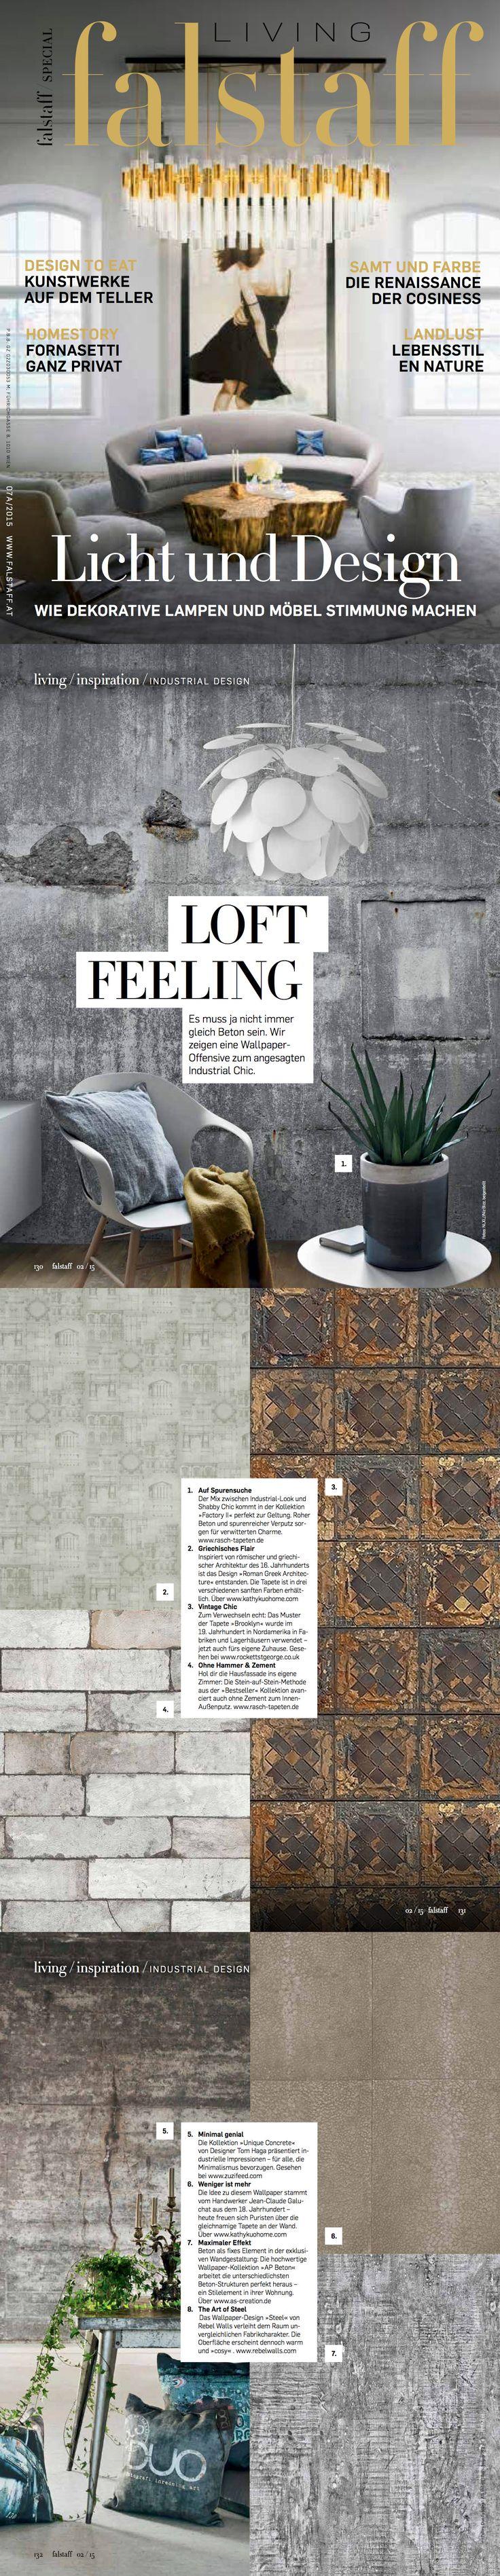 Architecture Blueprints Wallpaper the 25+ best architecture blueprints ideas on pinterest   drawing